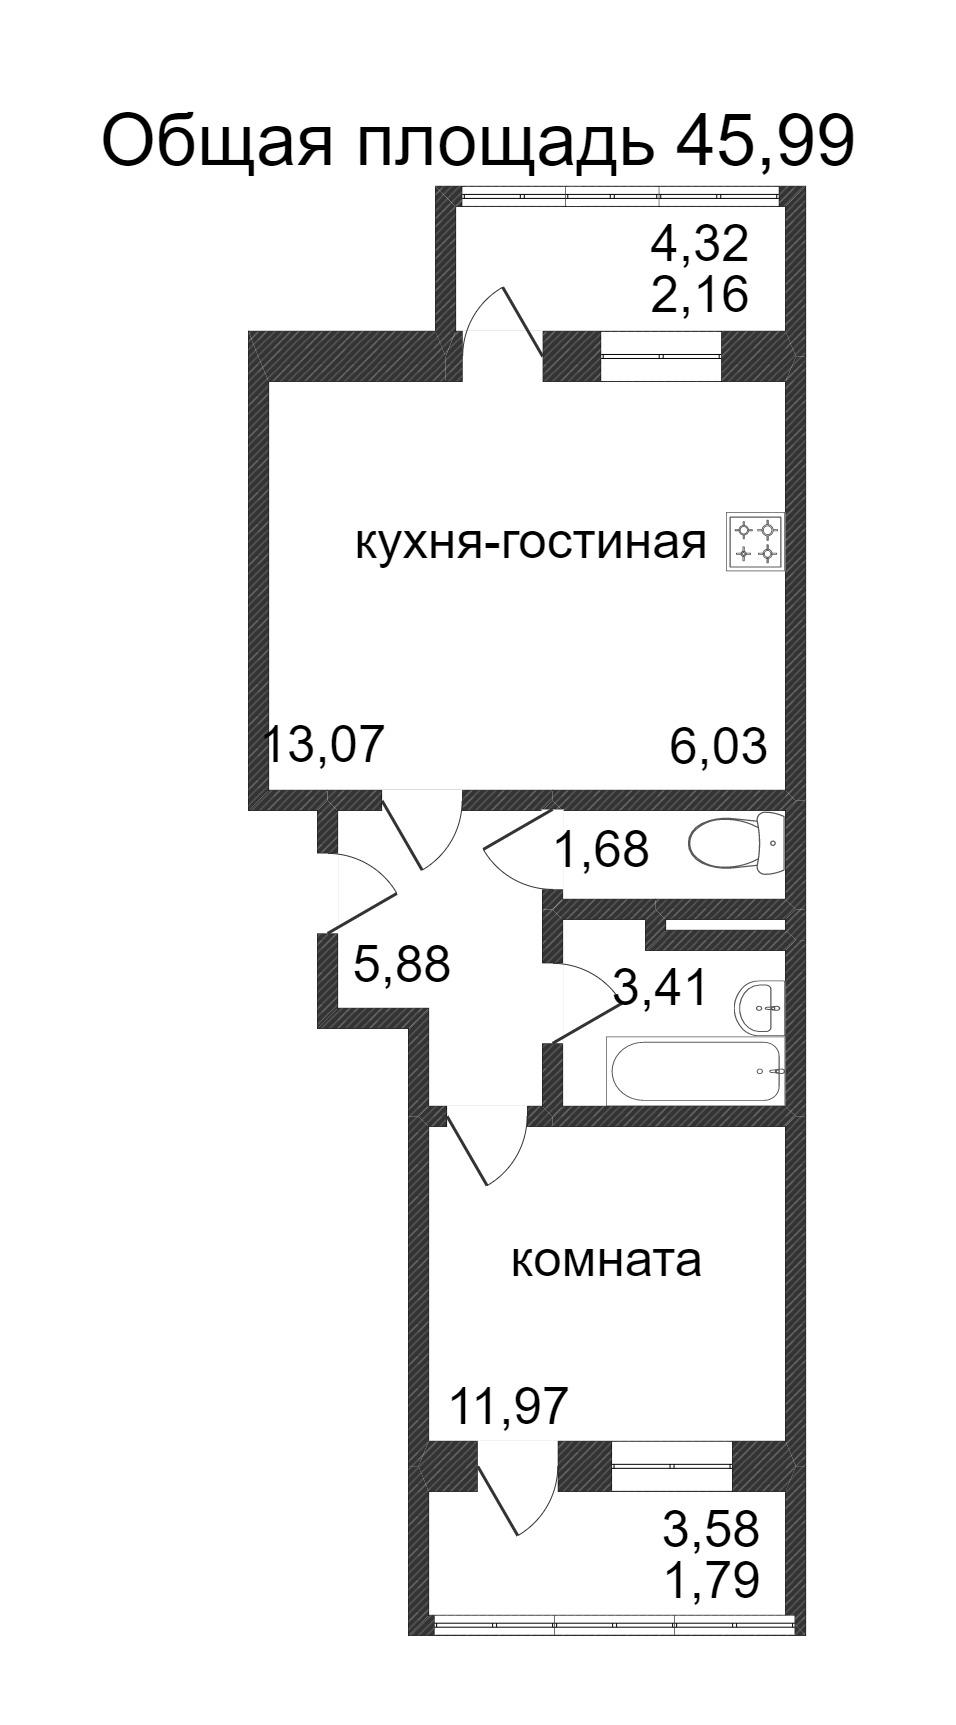 Объявление. г. Сургут, 1-комн.кв. 45.99кв.м, Ивана Захарова. Фото 3